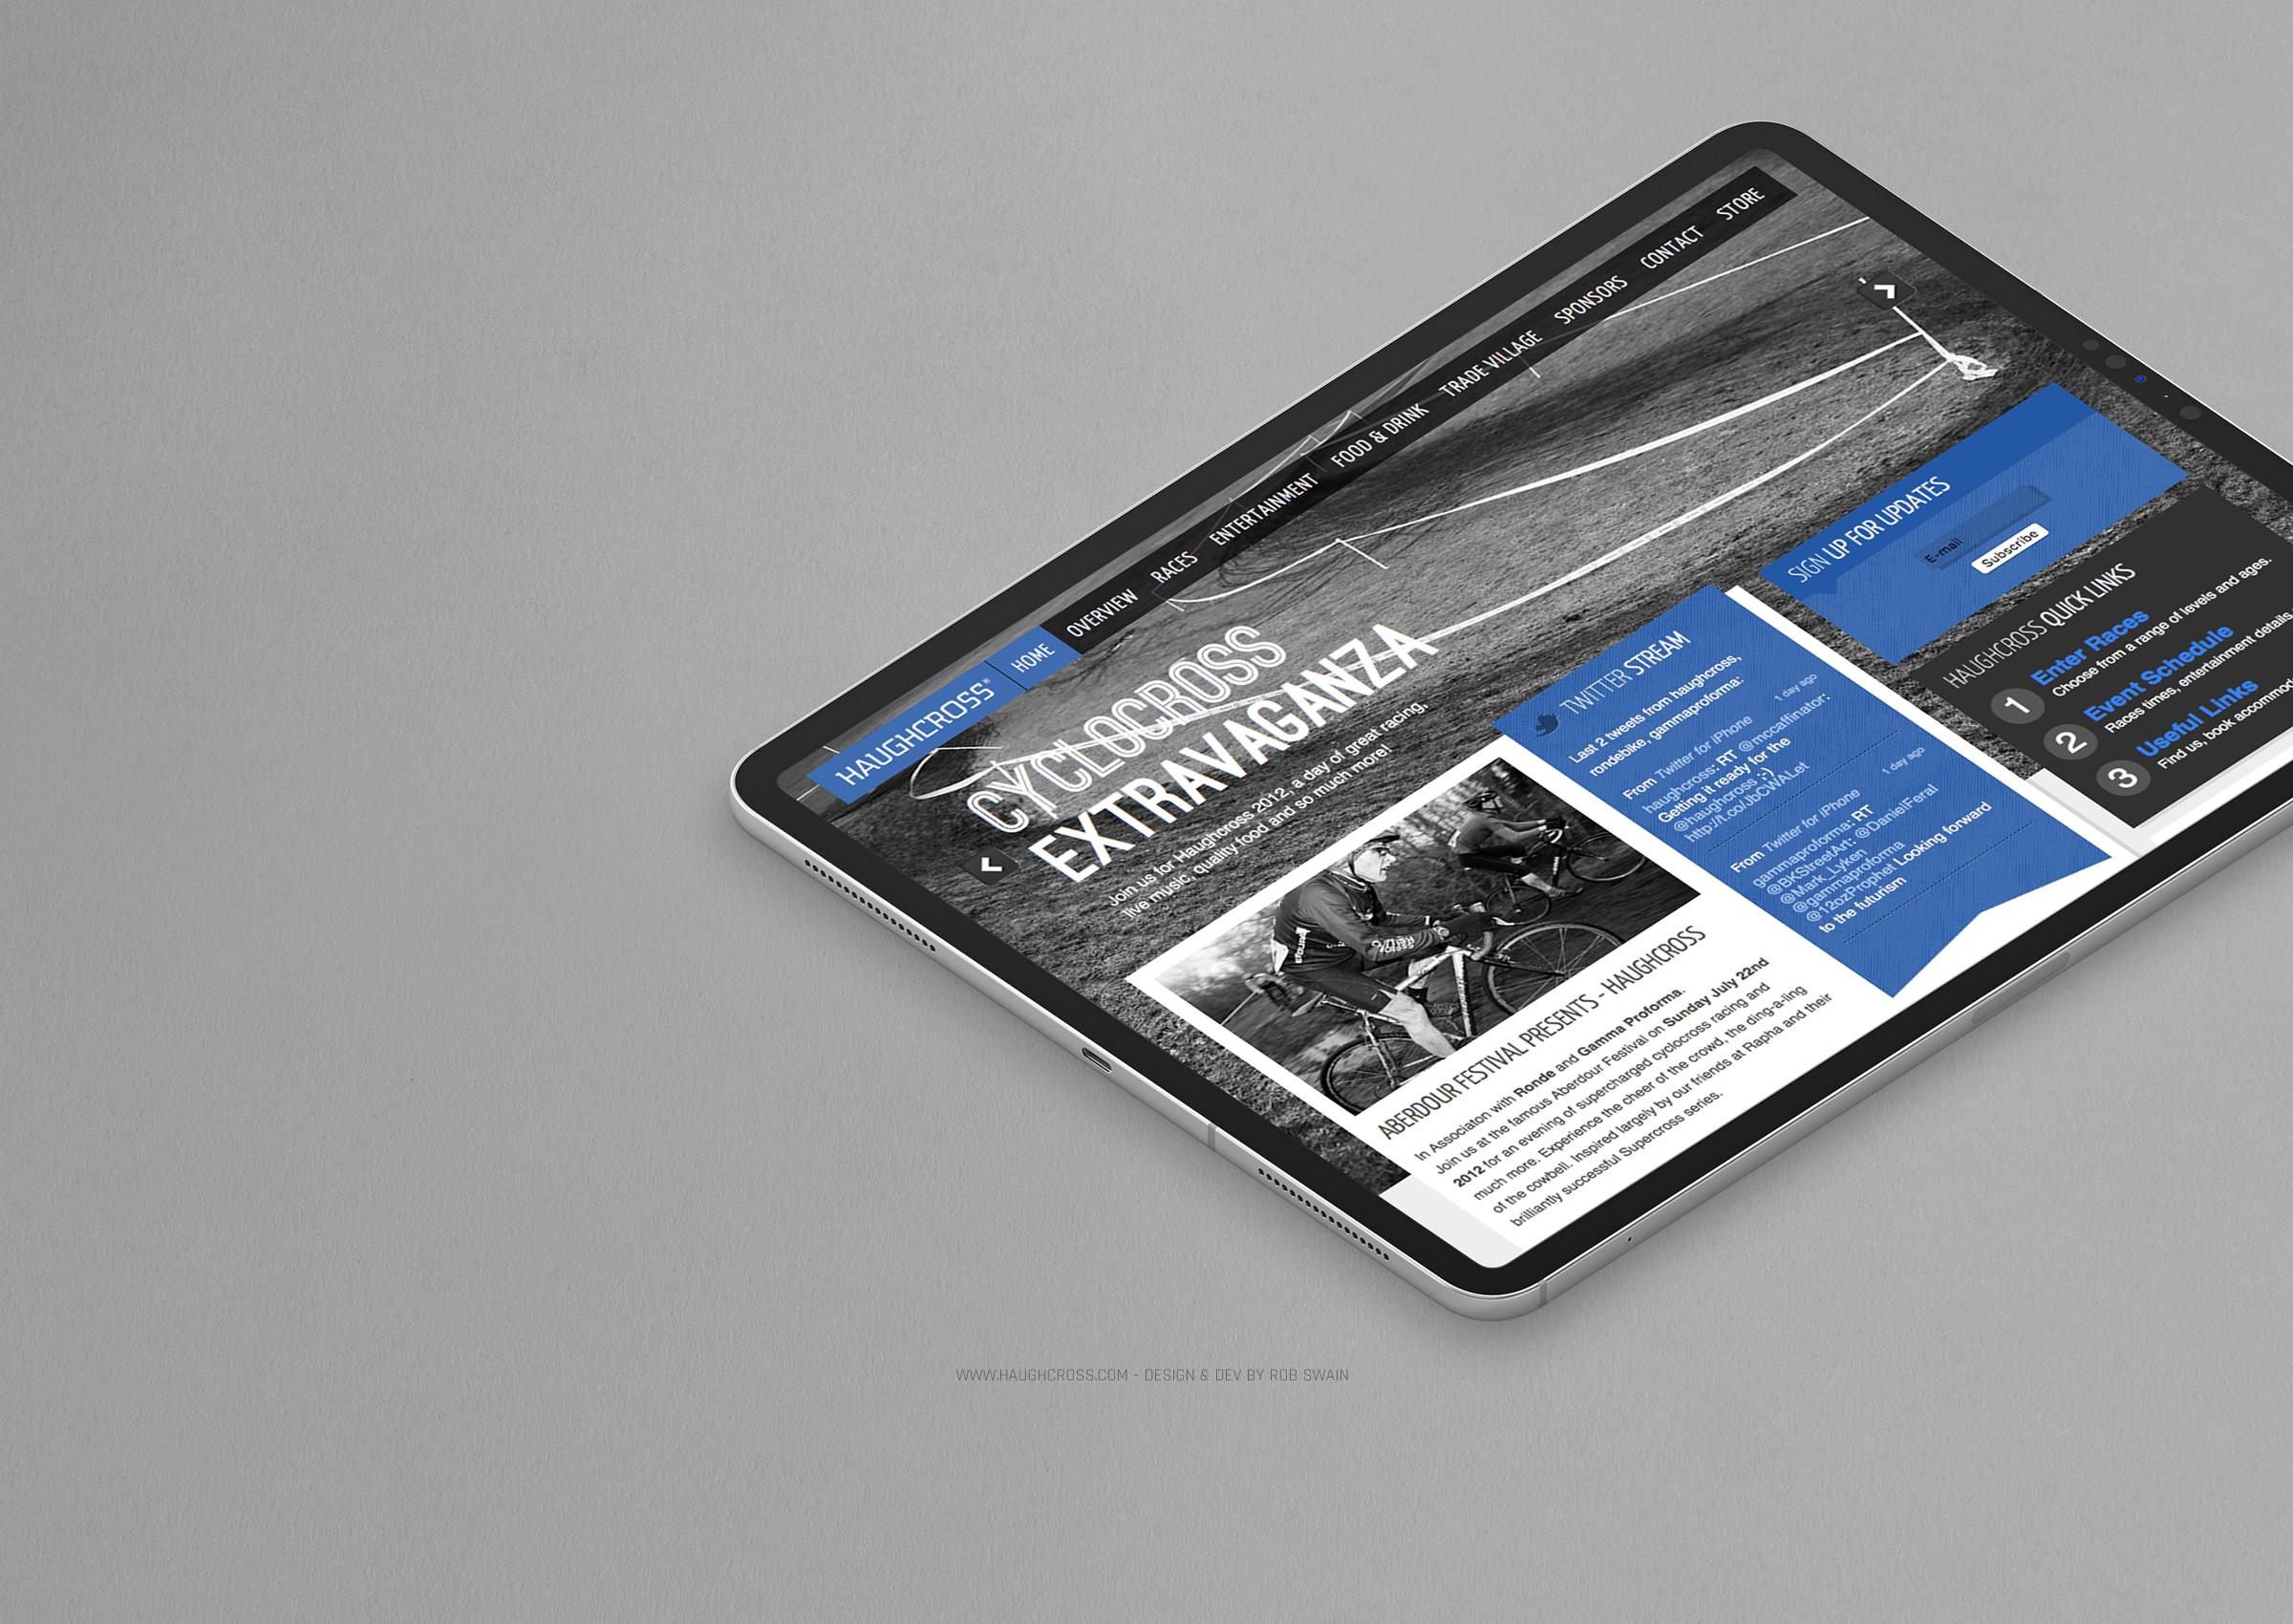 Haughcross Website Design